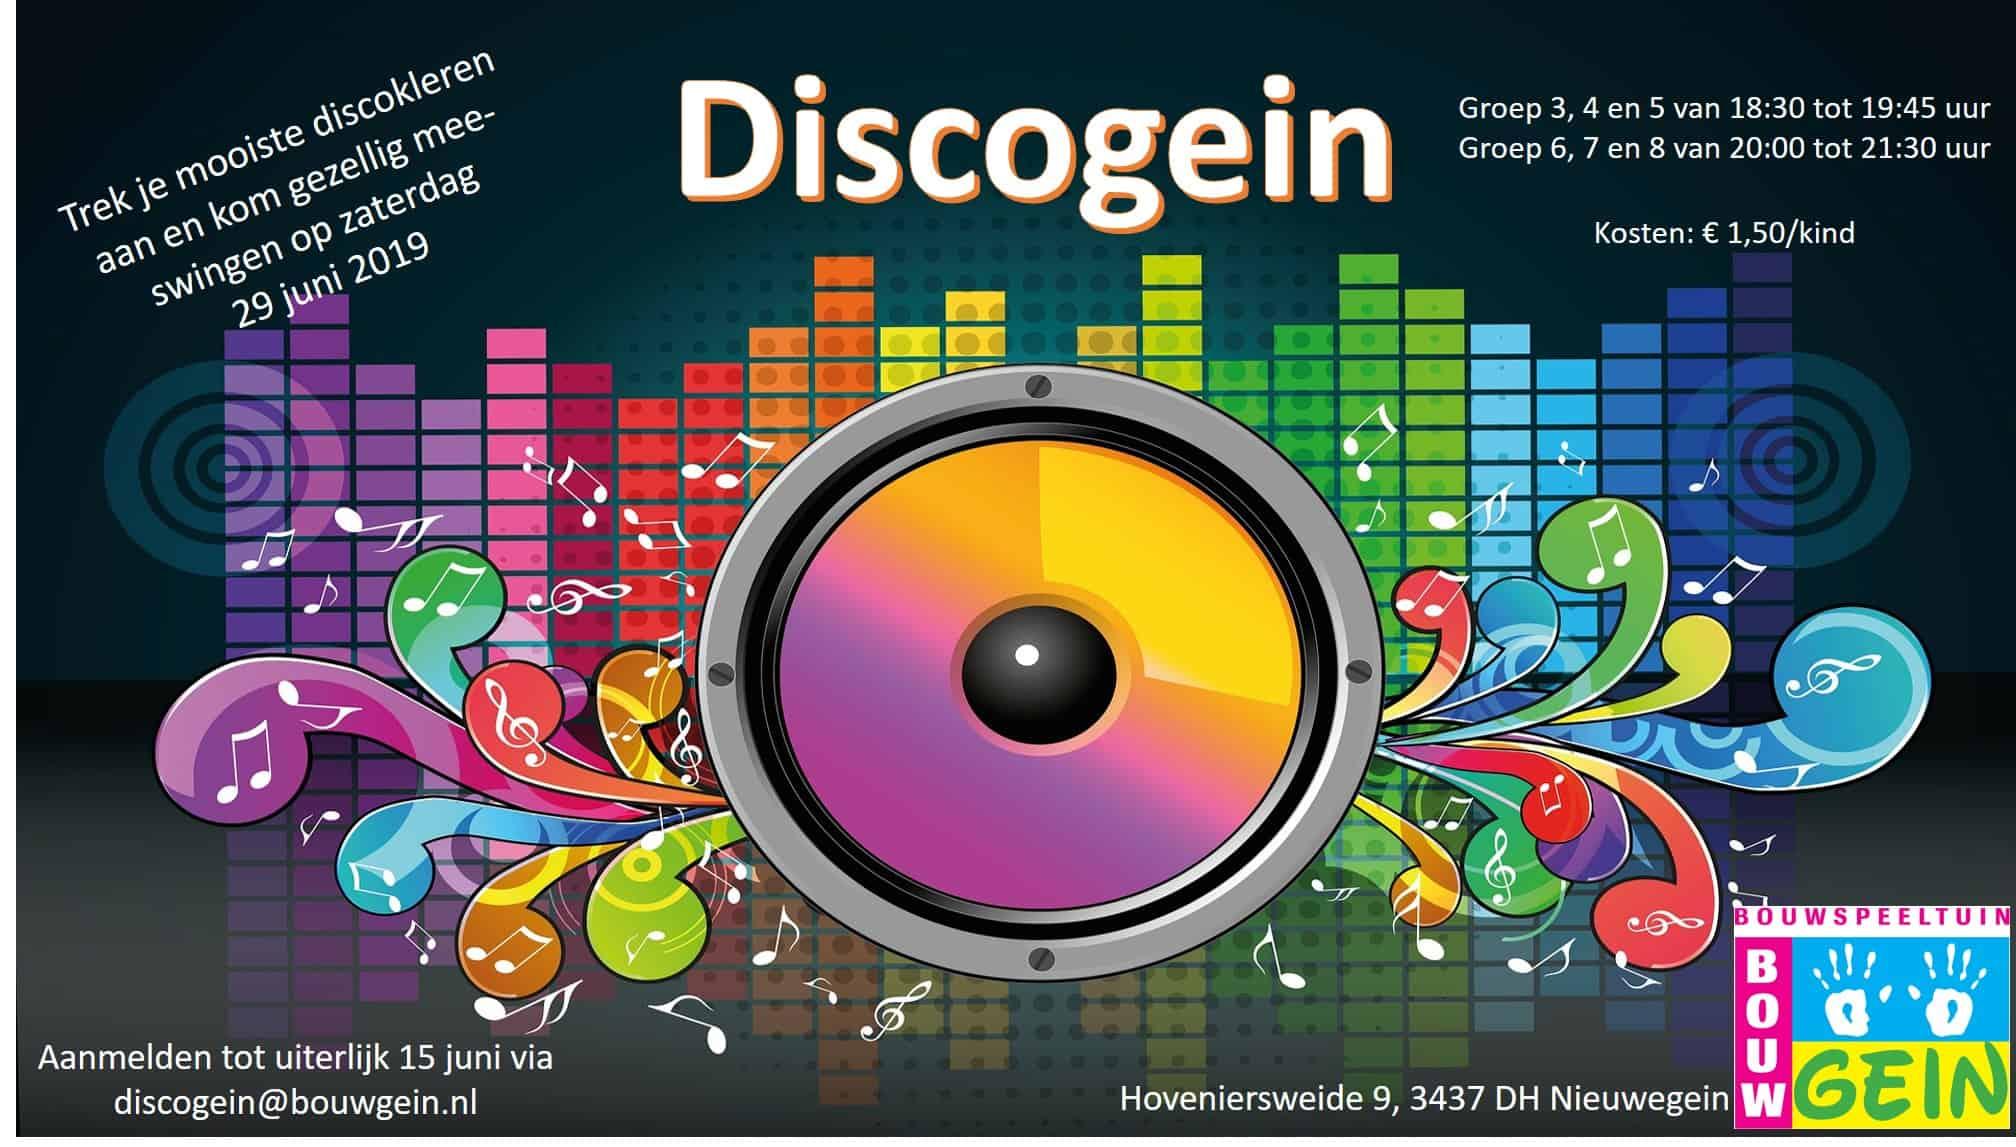 Discogein